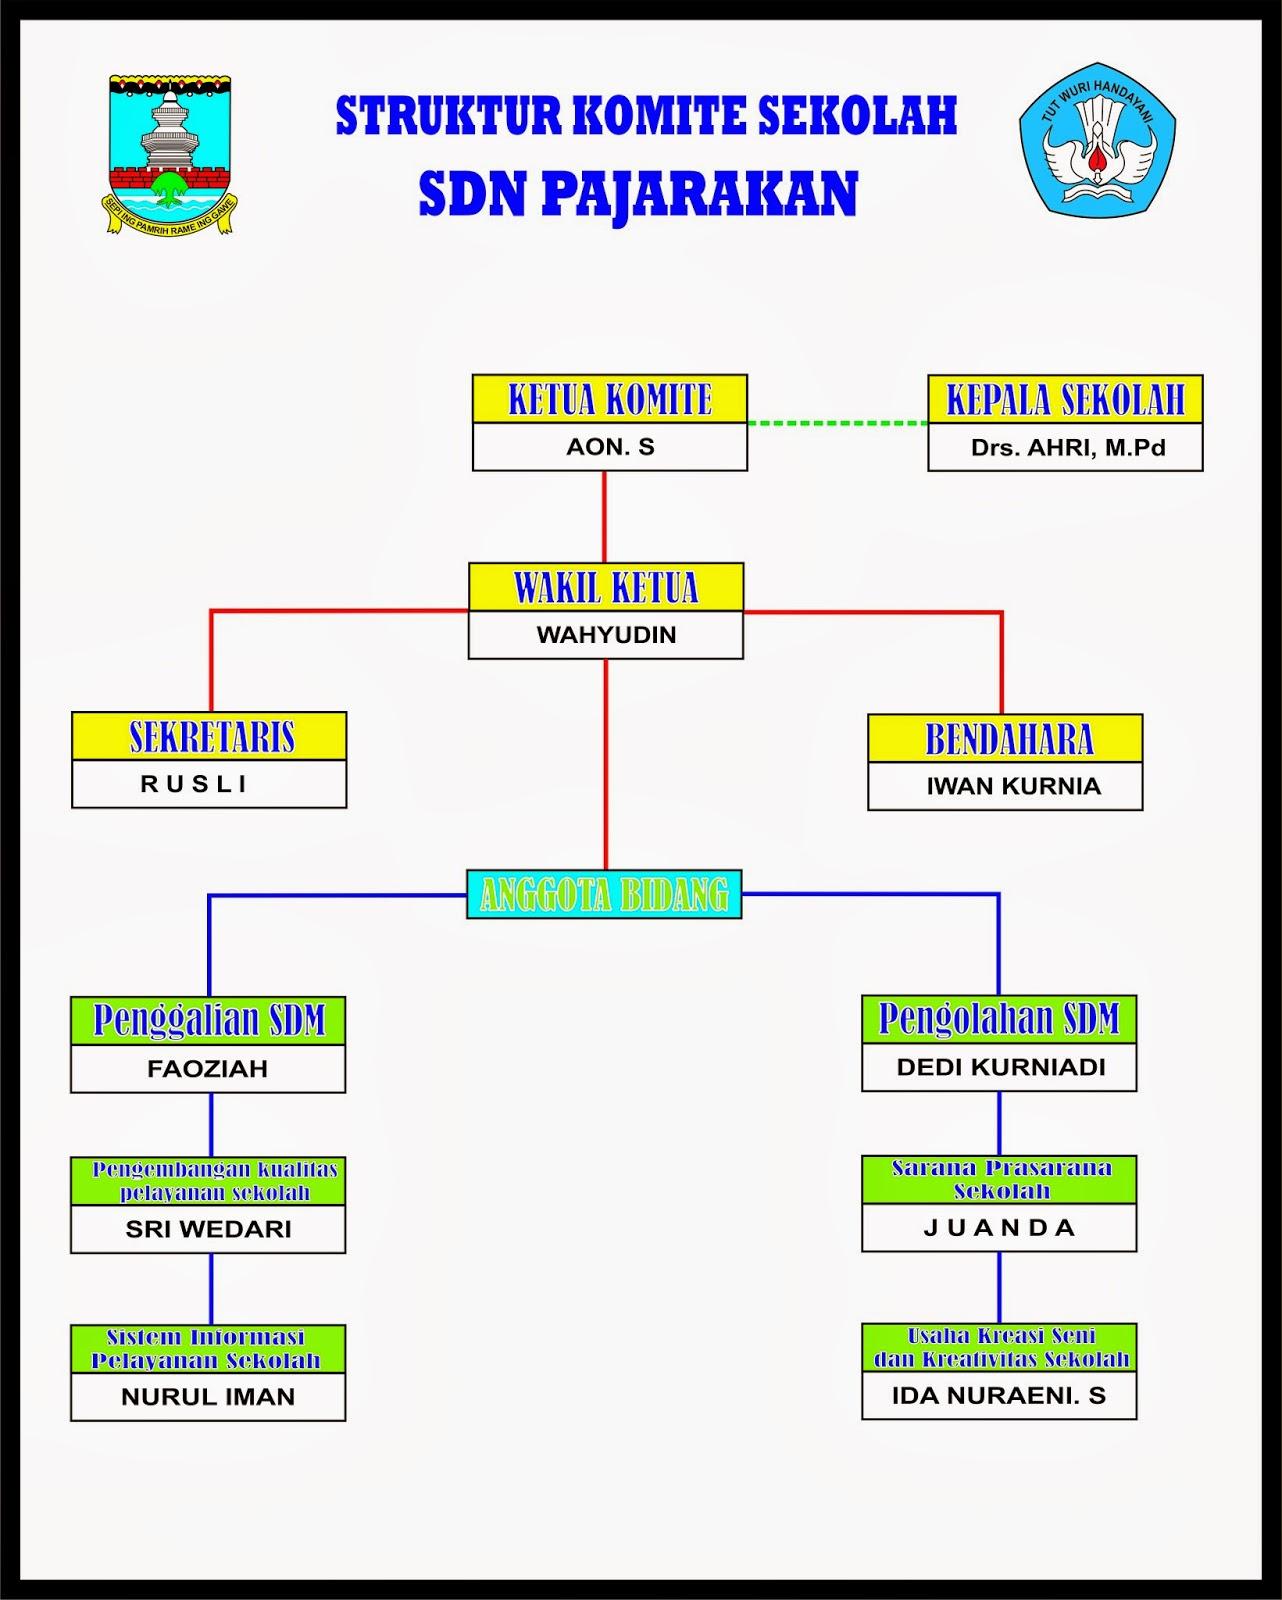 Struktur Komite Sekolah Sdn Pajarakan Petir